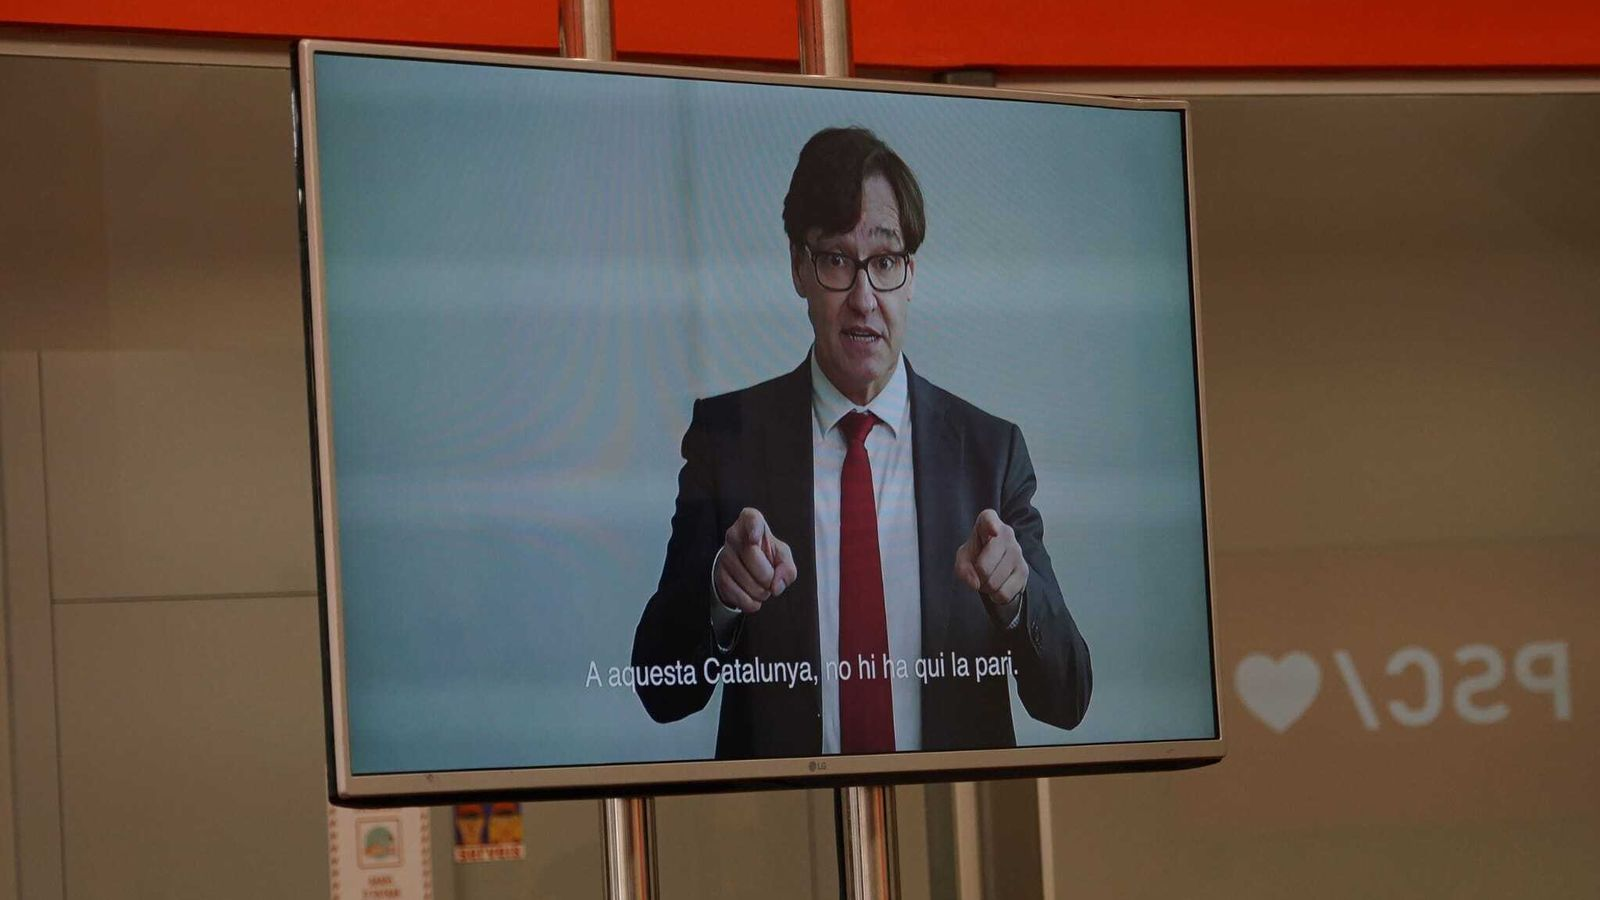 El PSC ha presentat un vídeo electoral amb Illa de protagonista